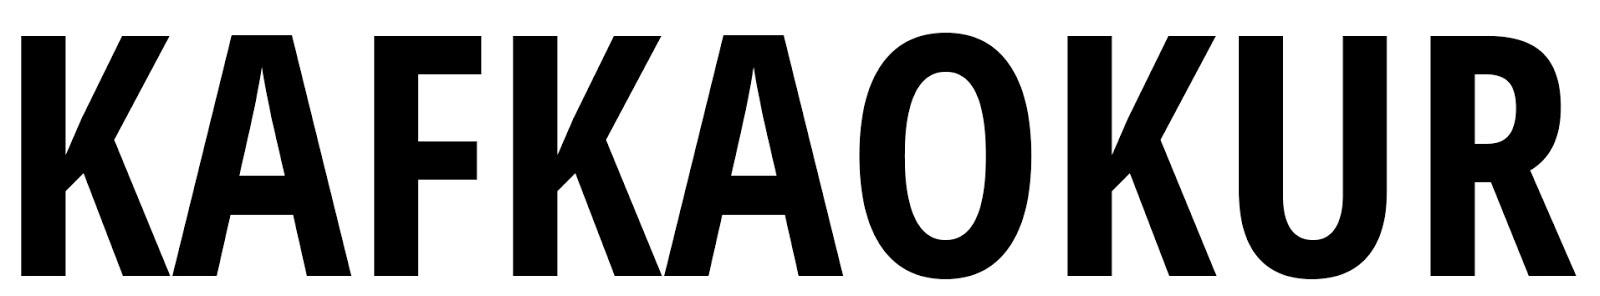 KAFKAOKUR